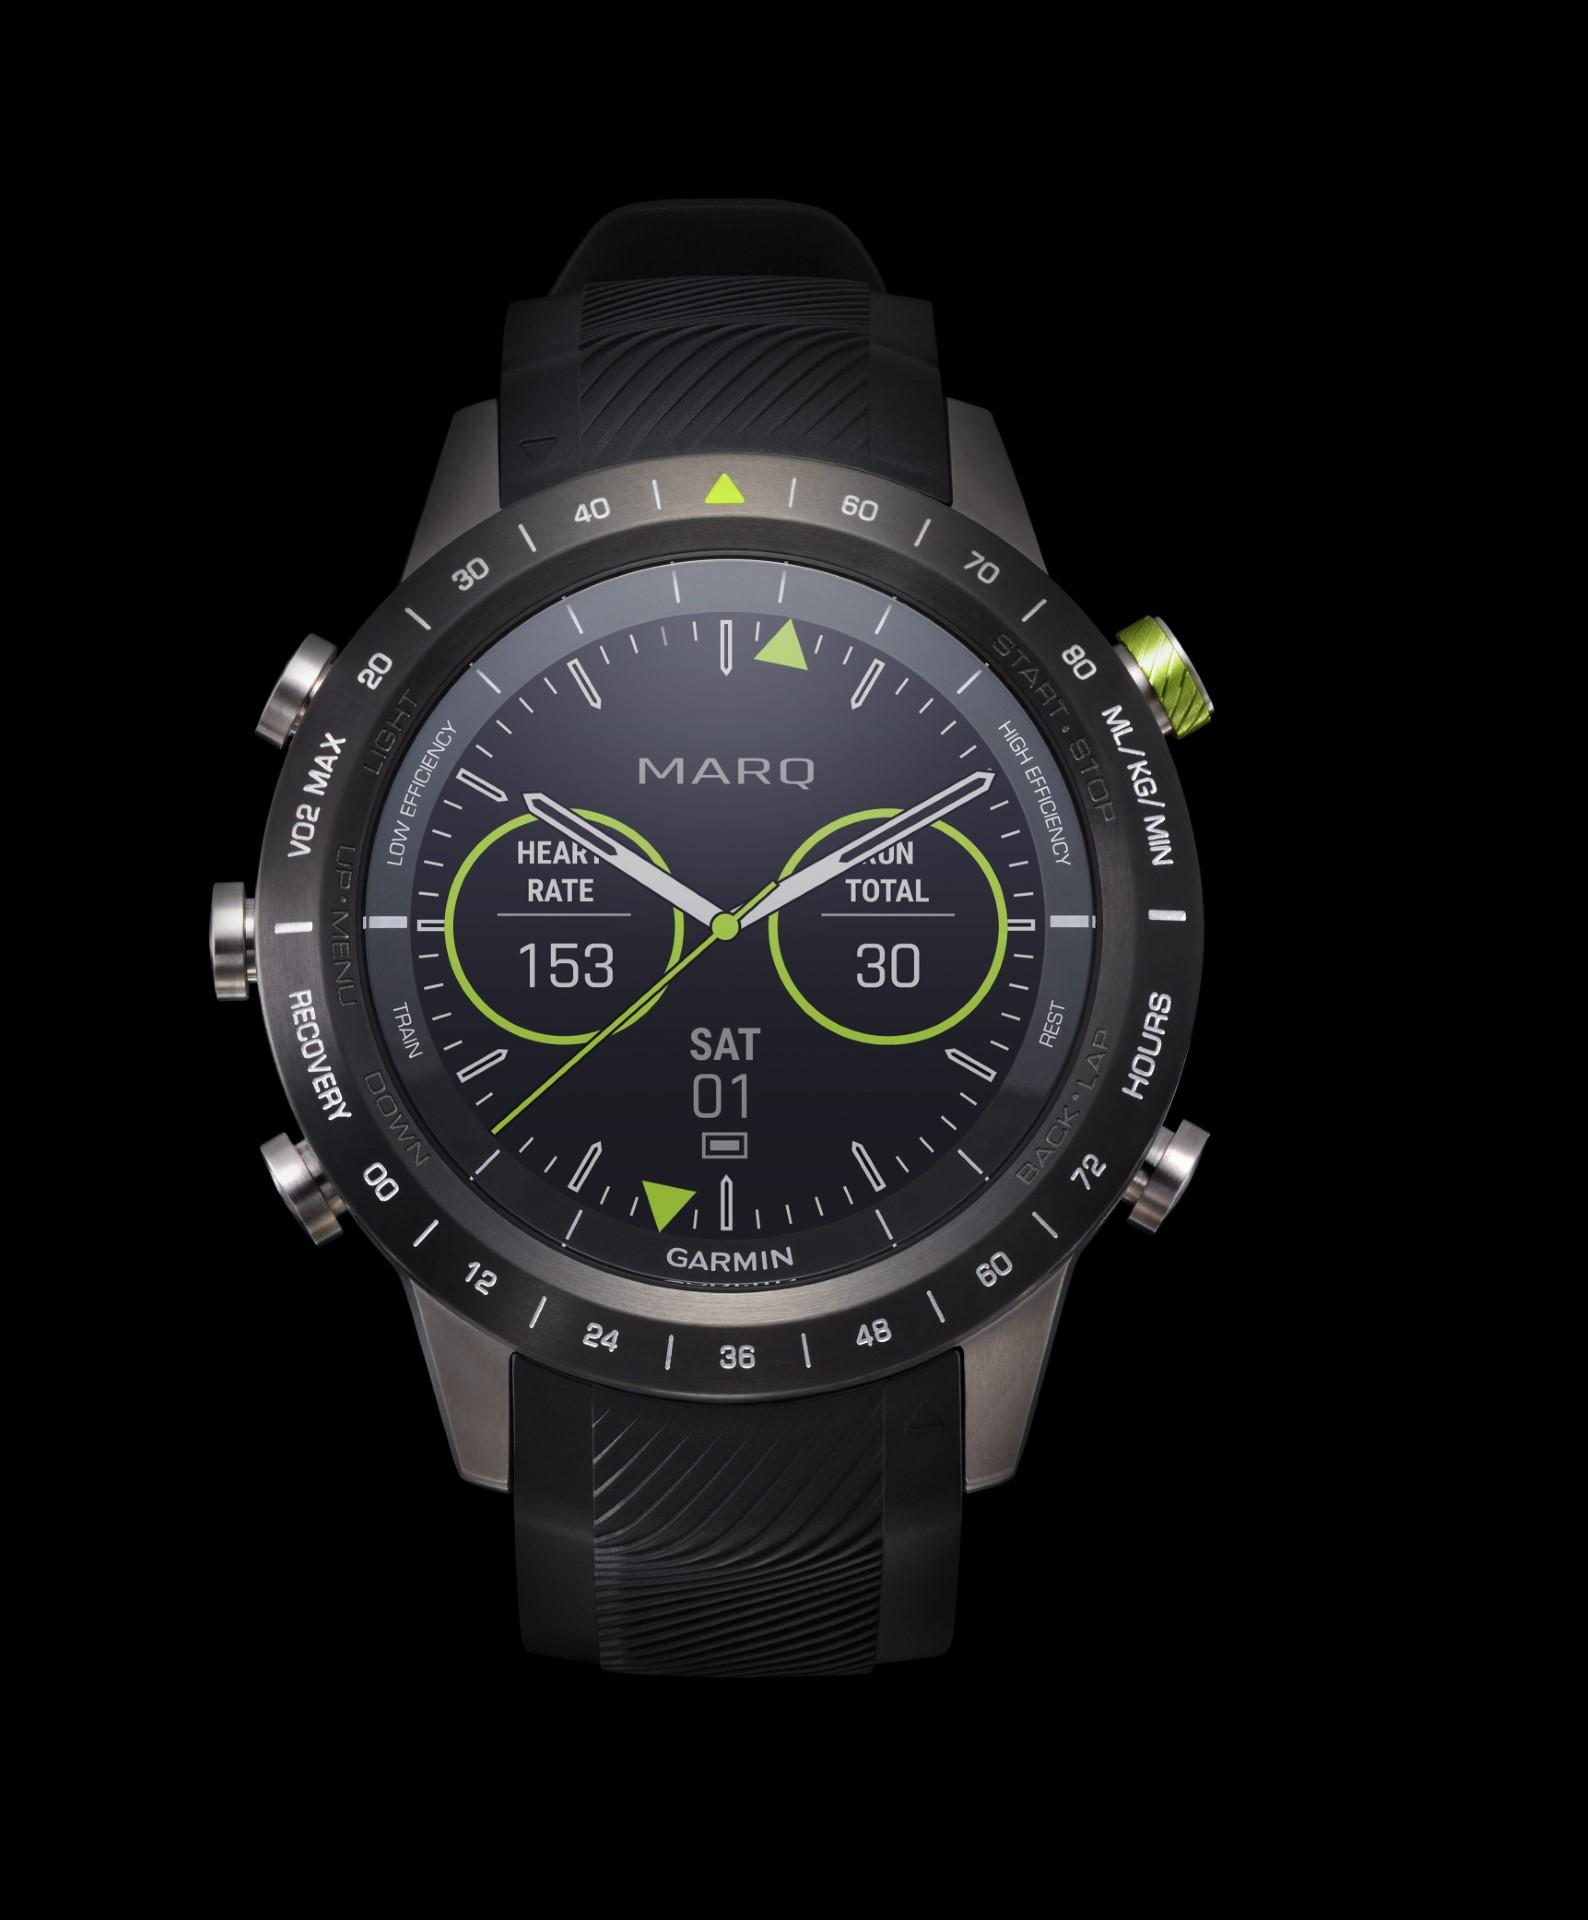 Garmin MARQ Athlete - Smartwatch Multisport GPS - Gioielleria Casavola Noci - foto prodotto